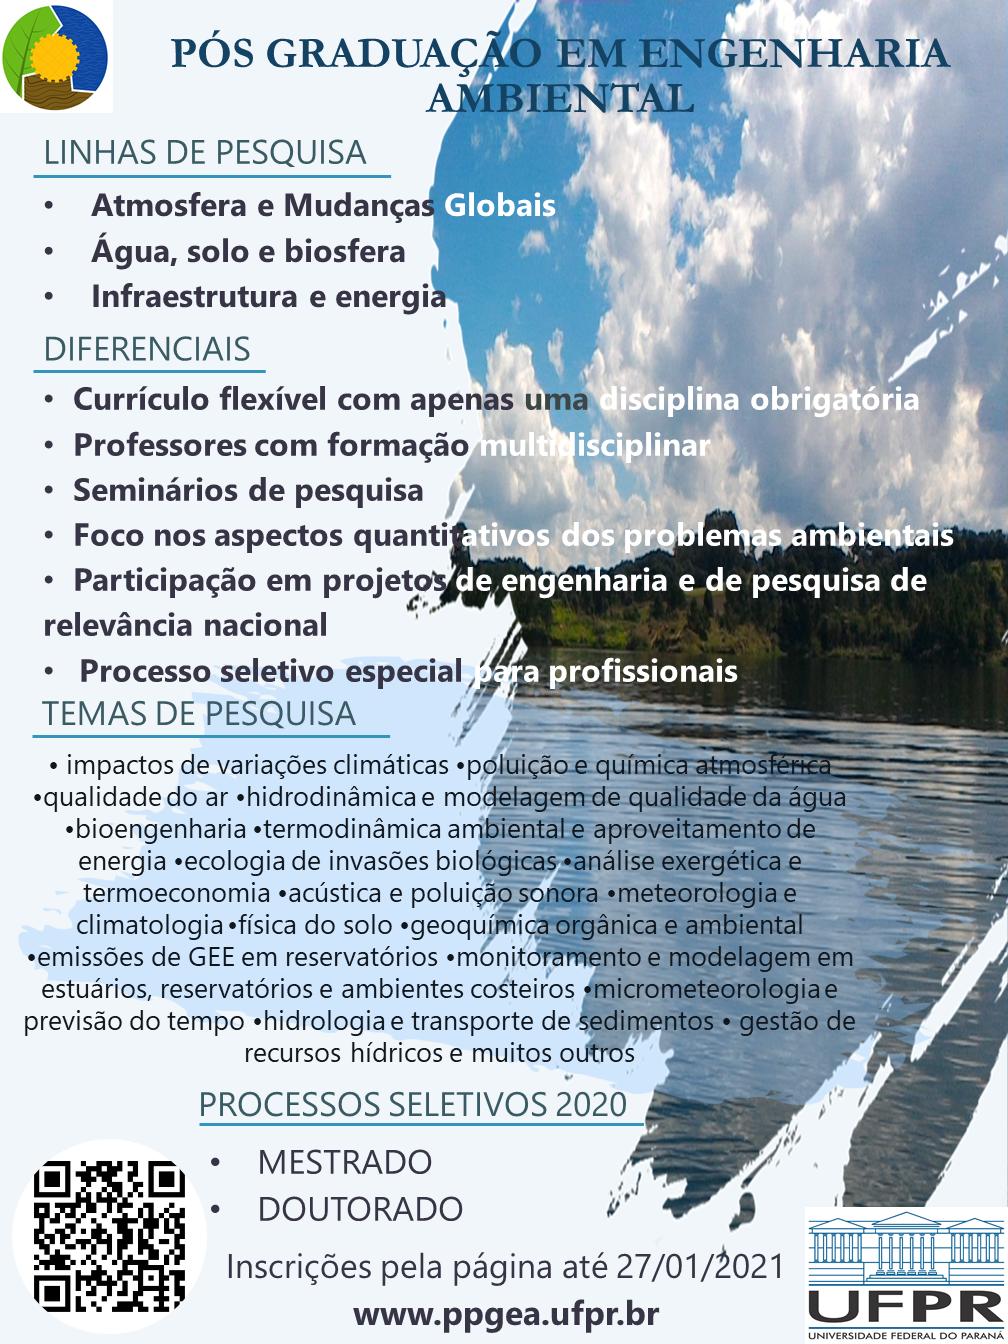 Linhas de pesquisa mestrado e doutorado UFPR engenharia ambiental